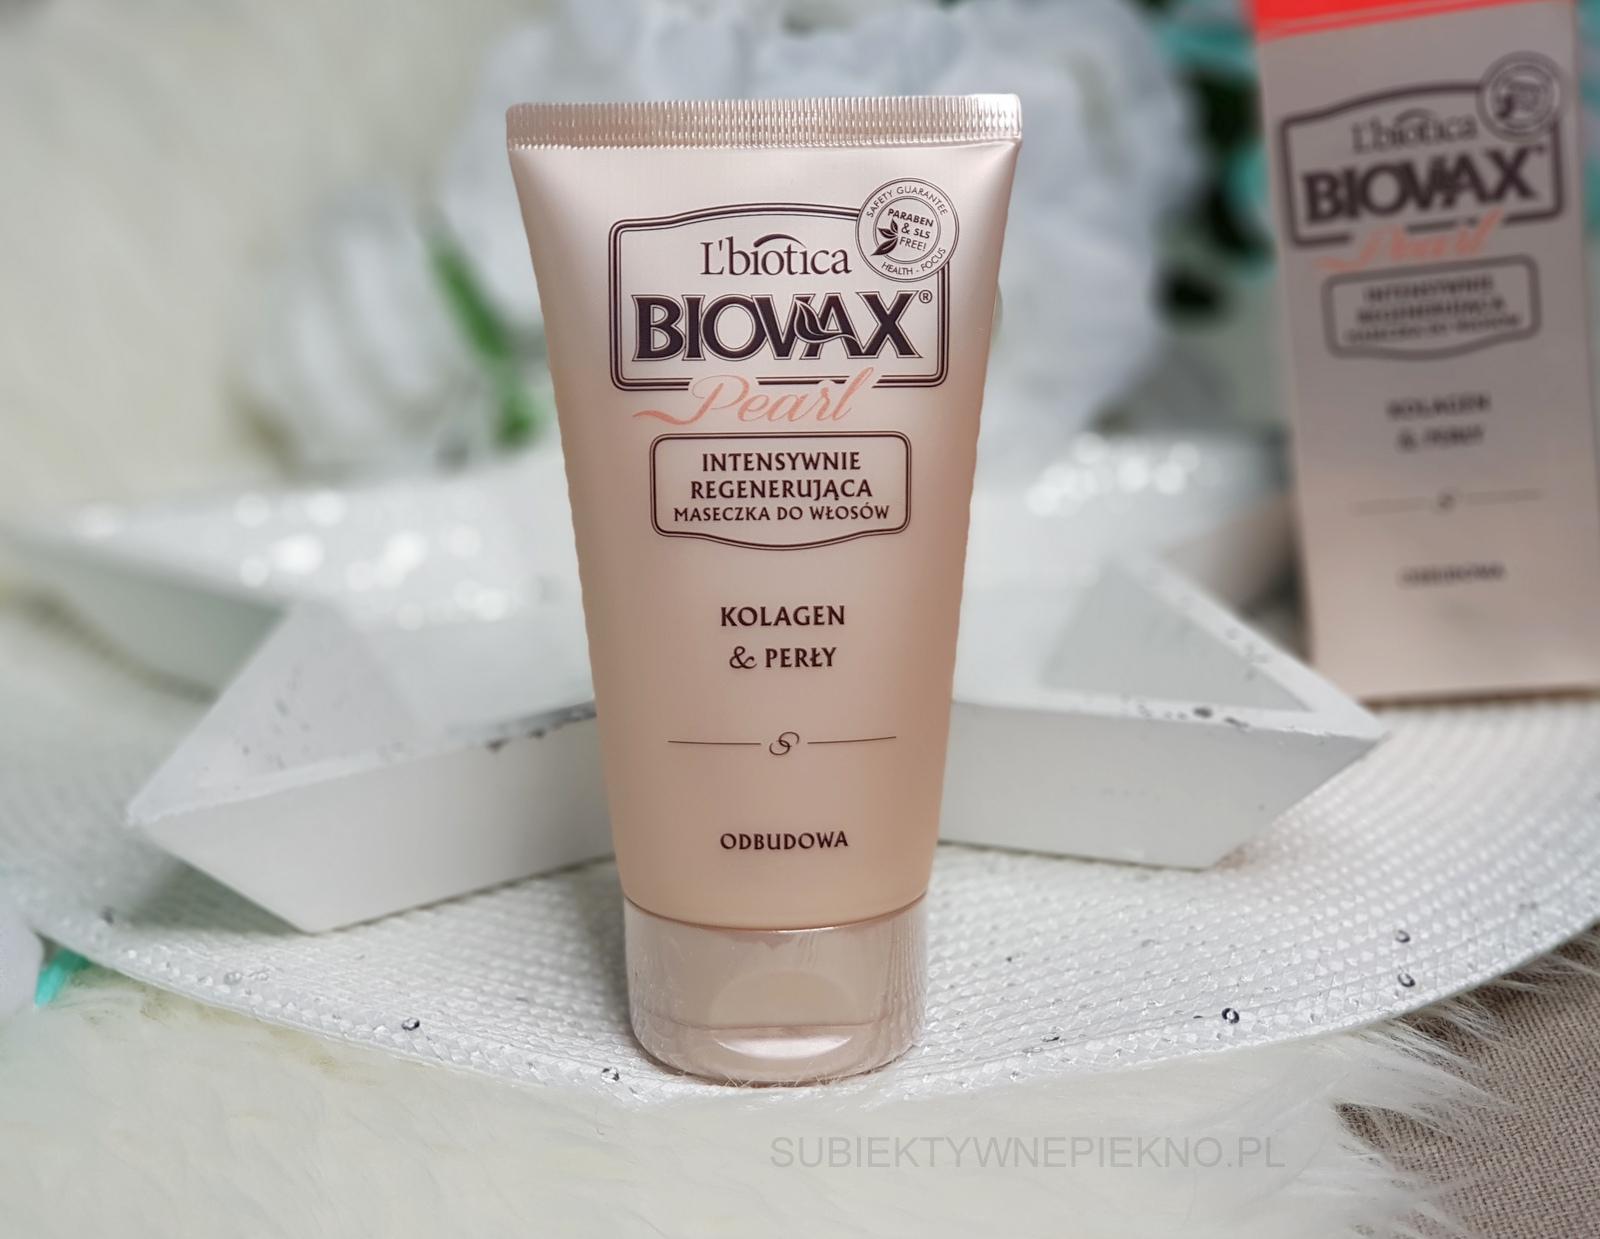 Intensywnie regenerująca maseczka do włosów L'Biotica Biovax Pearl Kolagen i perły